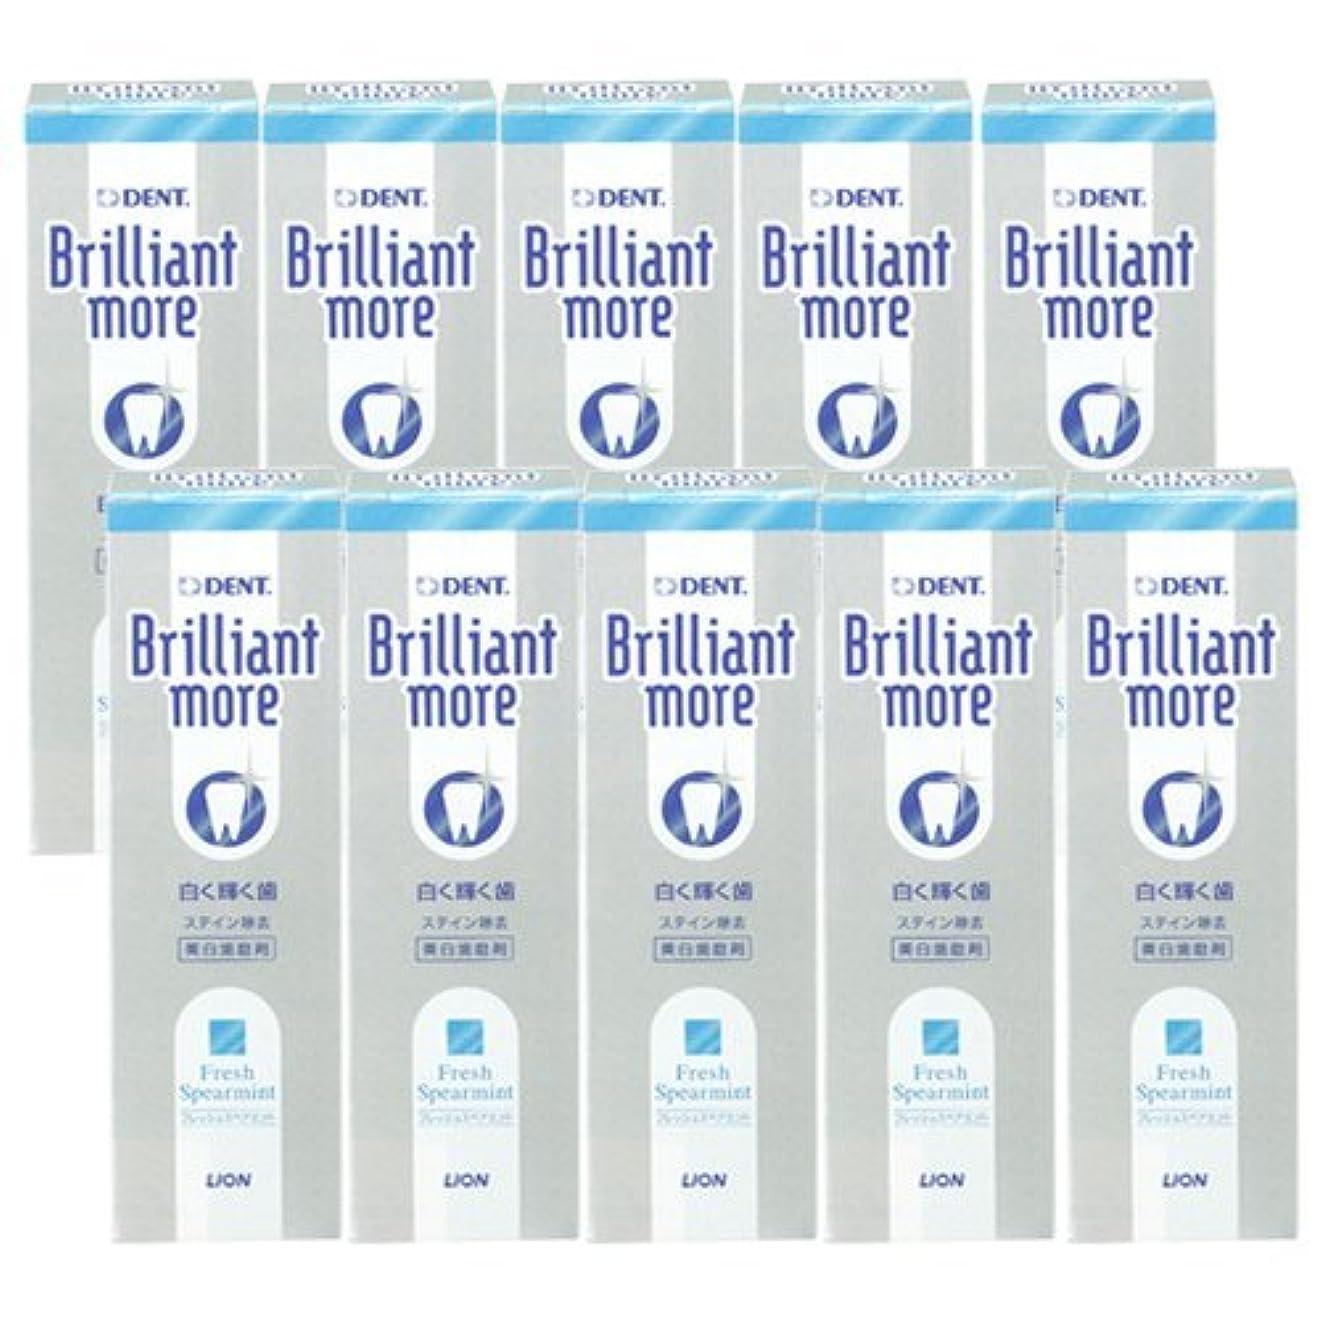 驚いたことに降伏栄光ライオン ブリリアントモア フレッシュスペアミント 美白歯磨剤 LION Brilliant more 10本セット